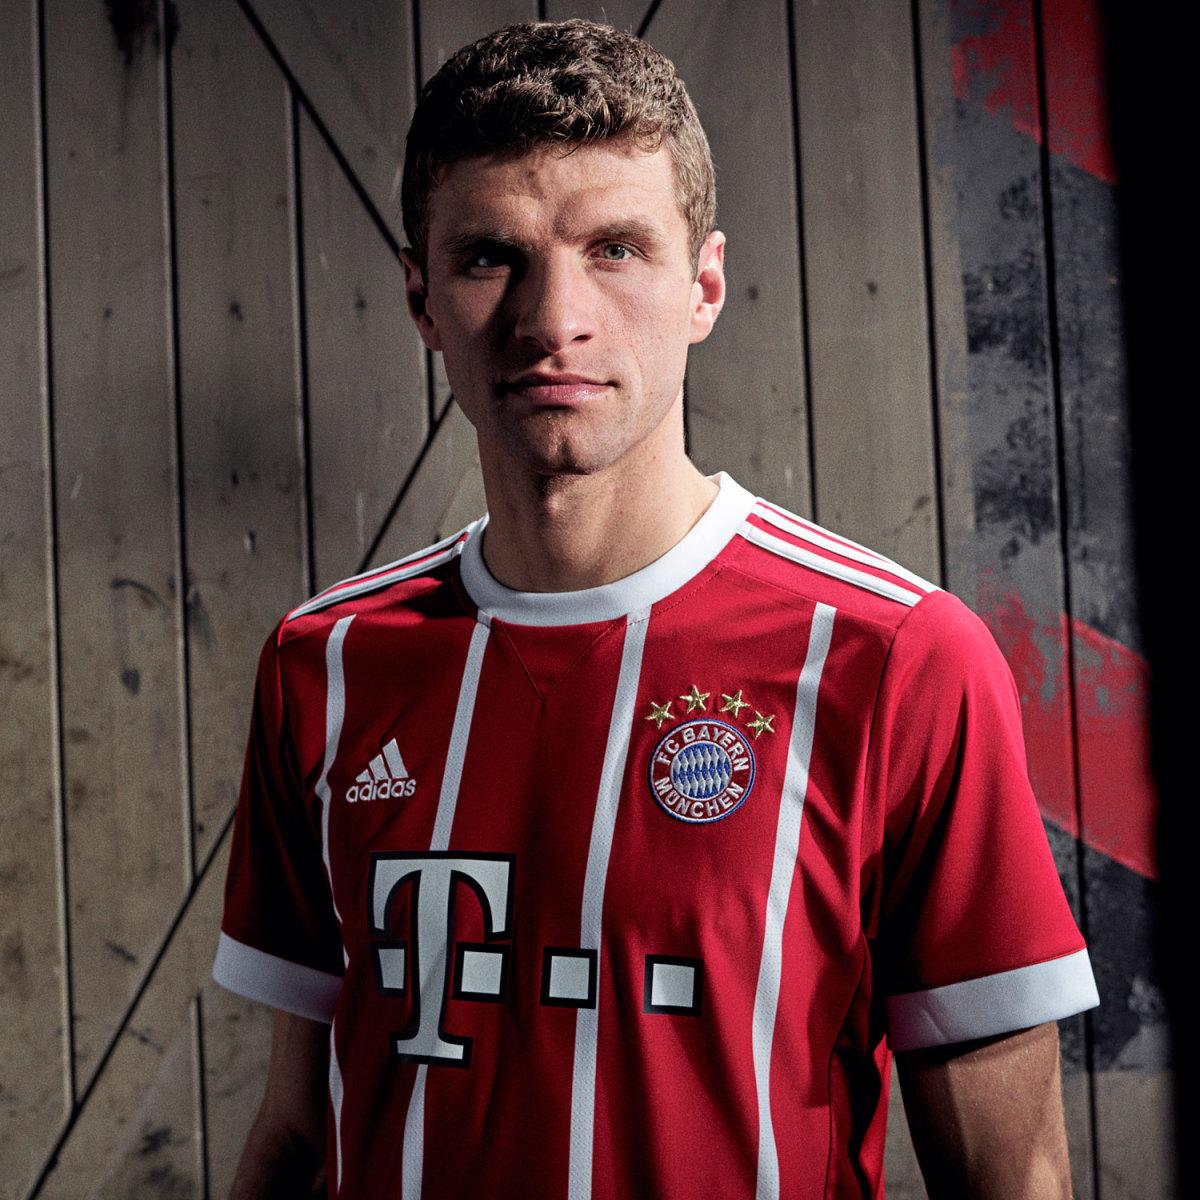 Muller-Bayern-Jersey-Gallery.jpg